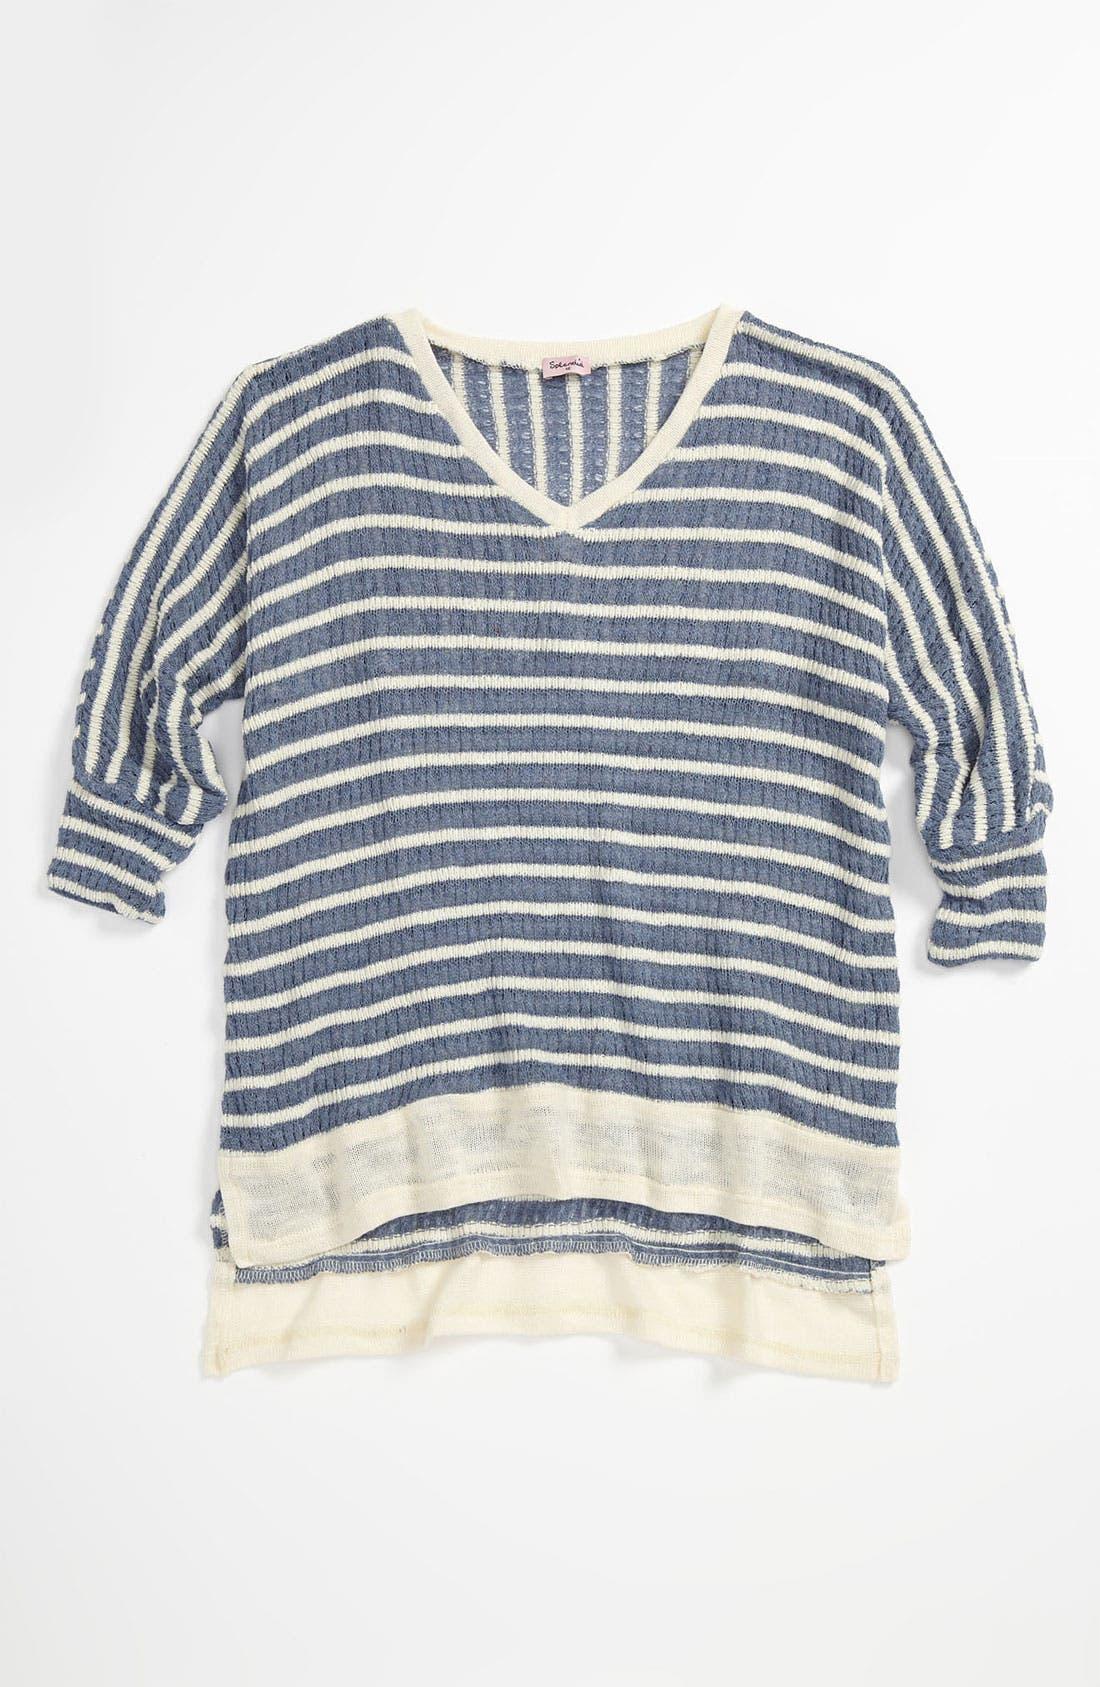 Alternate Image 1 Selected - Splendid 'Panama' Stripe Top (Big Girls)